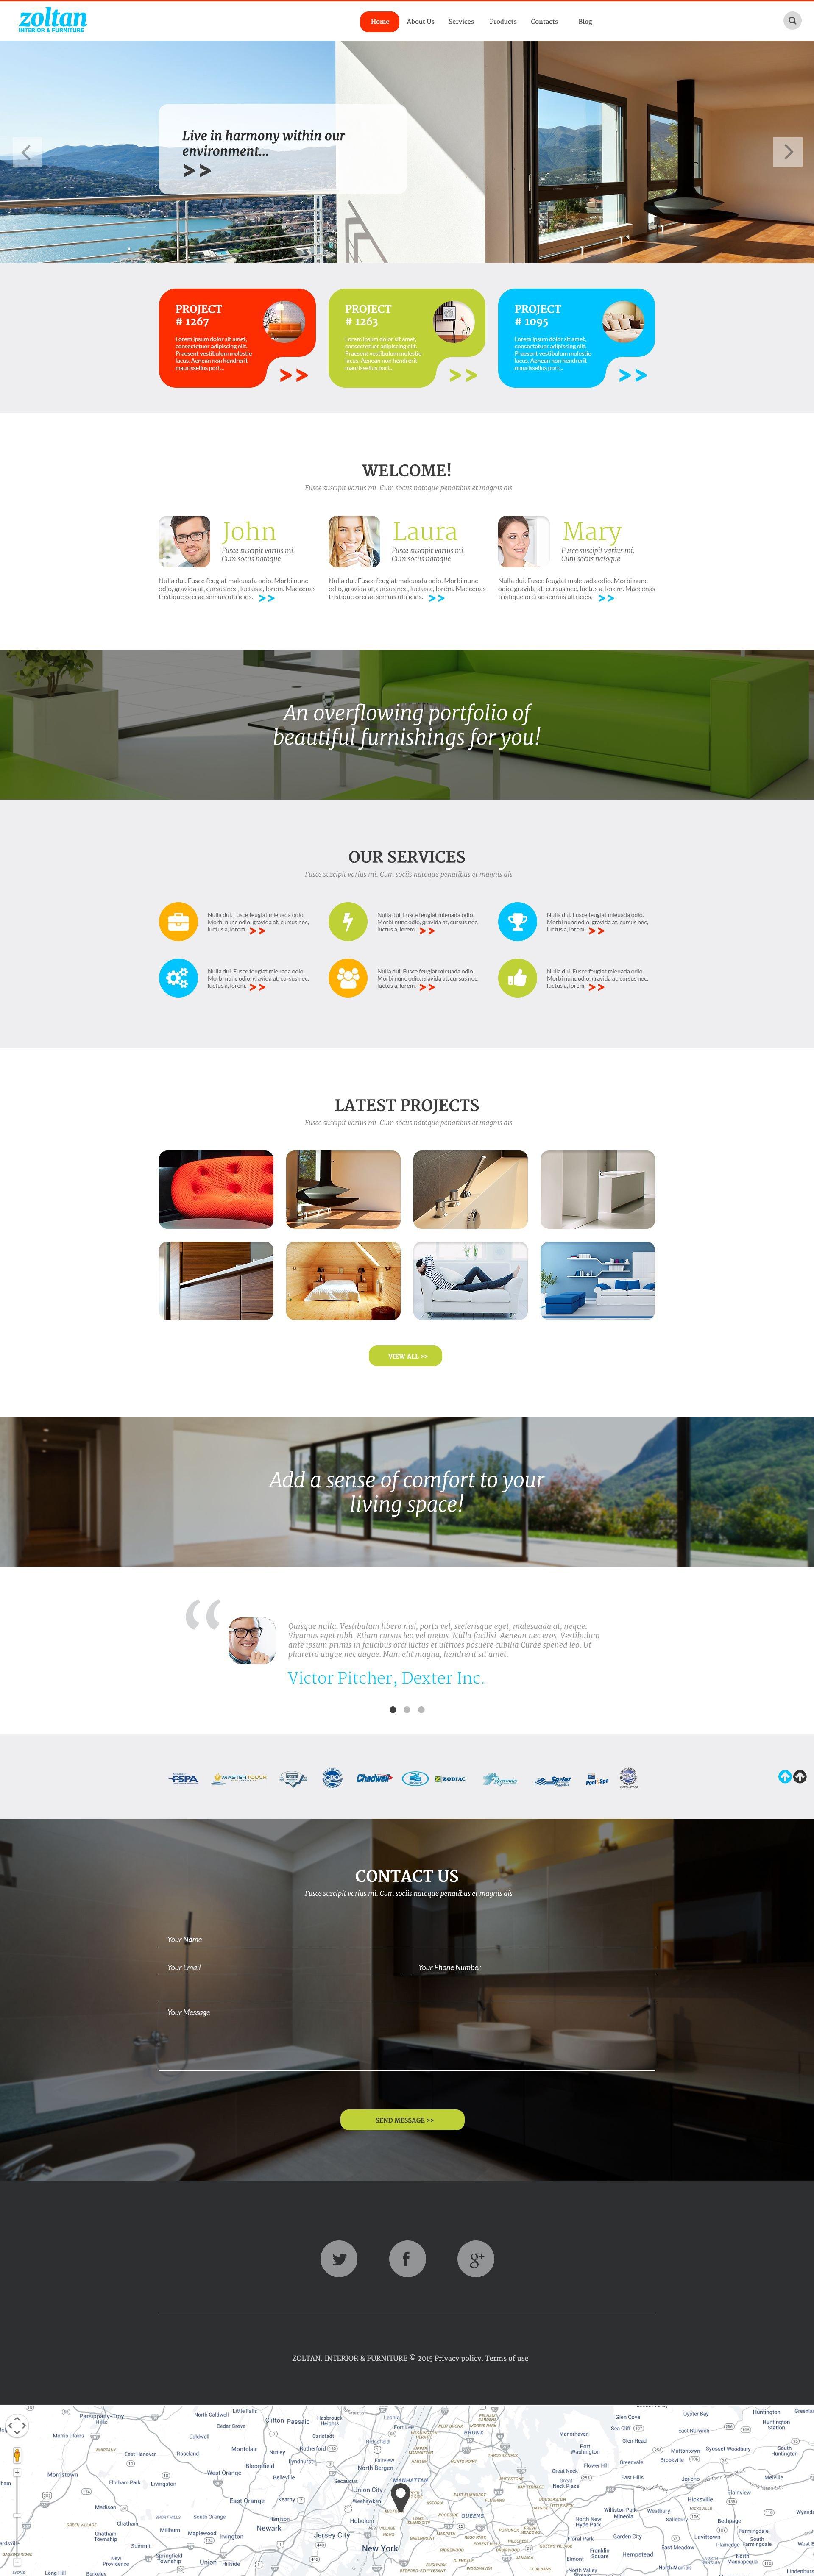 Zoltan WordPress Theme - screenshot